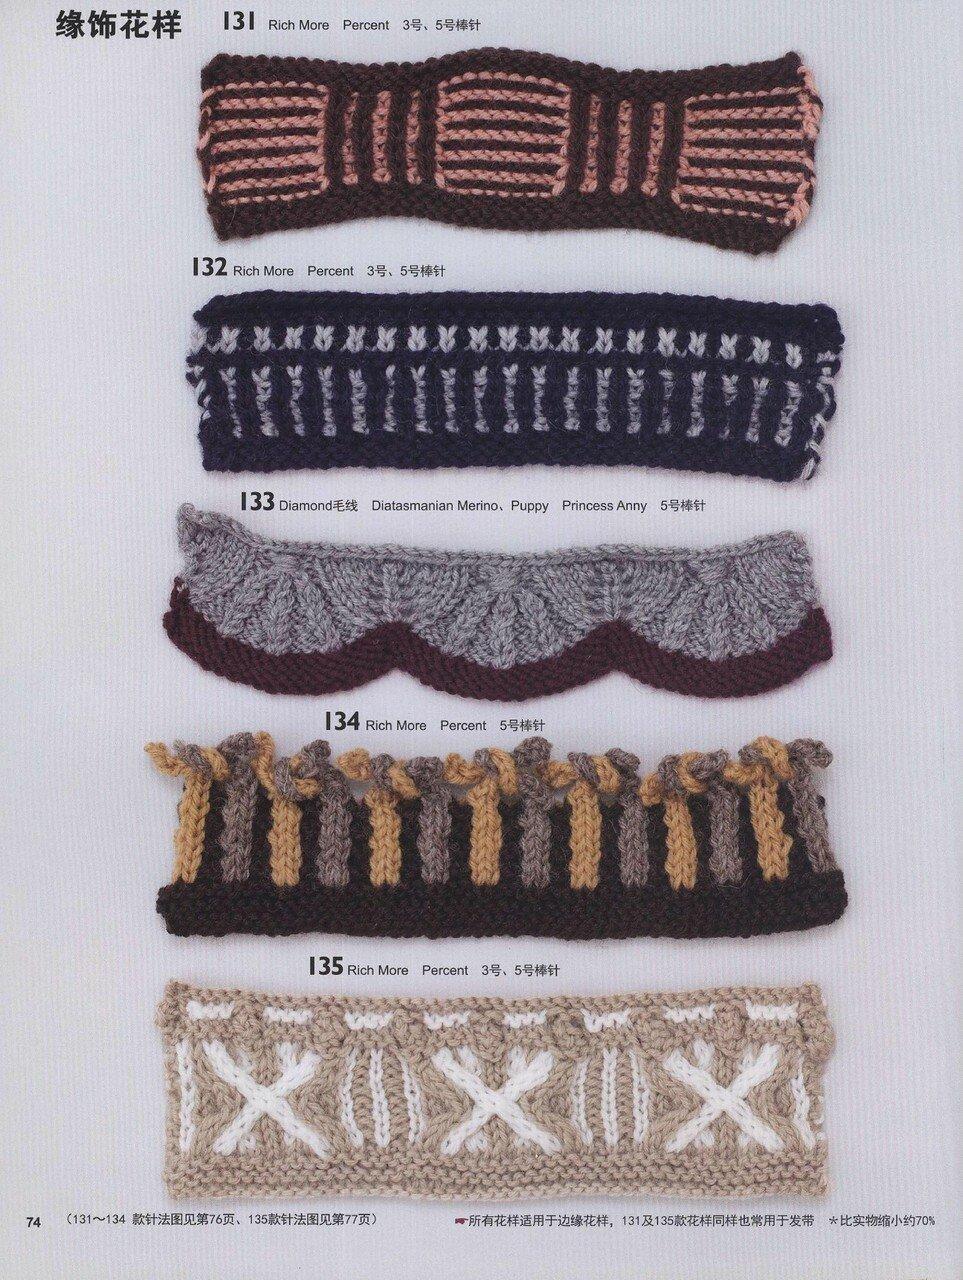 150 Knitting_76.jpg